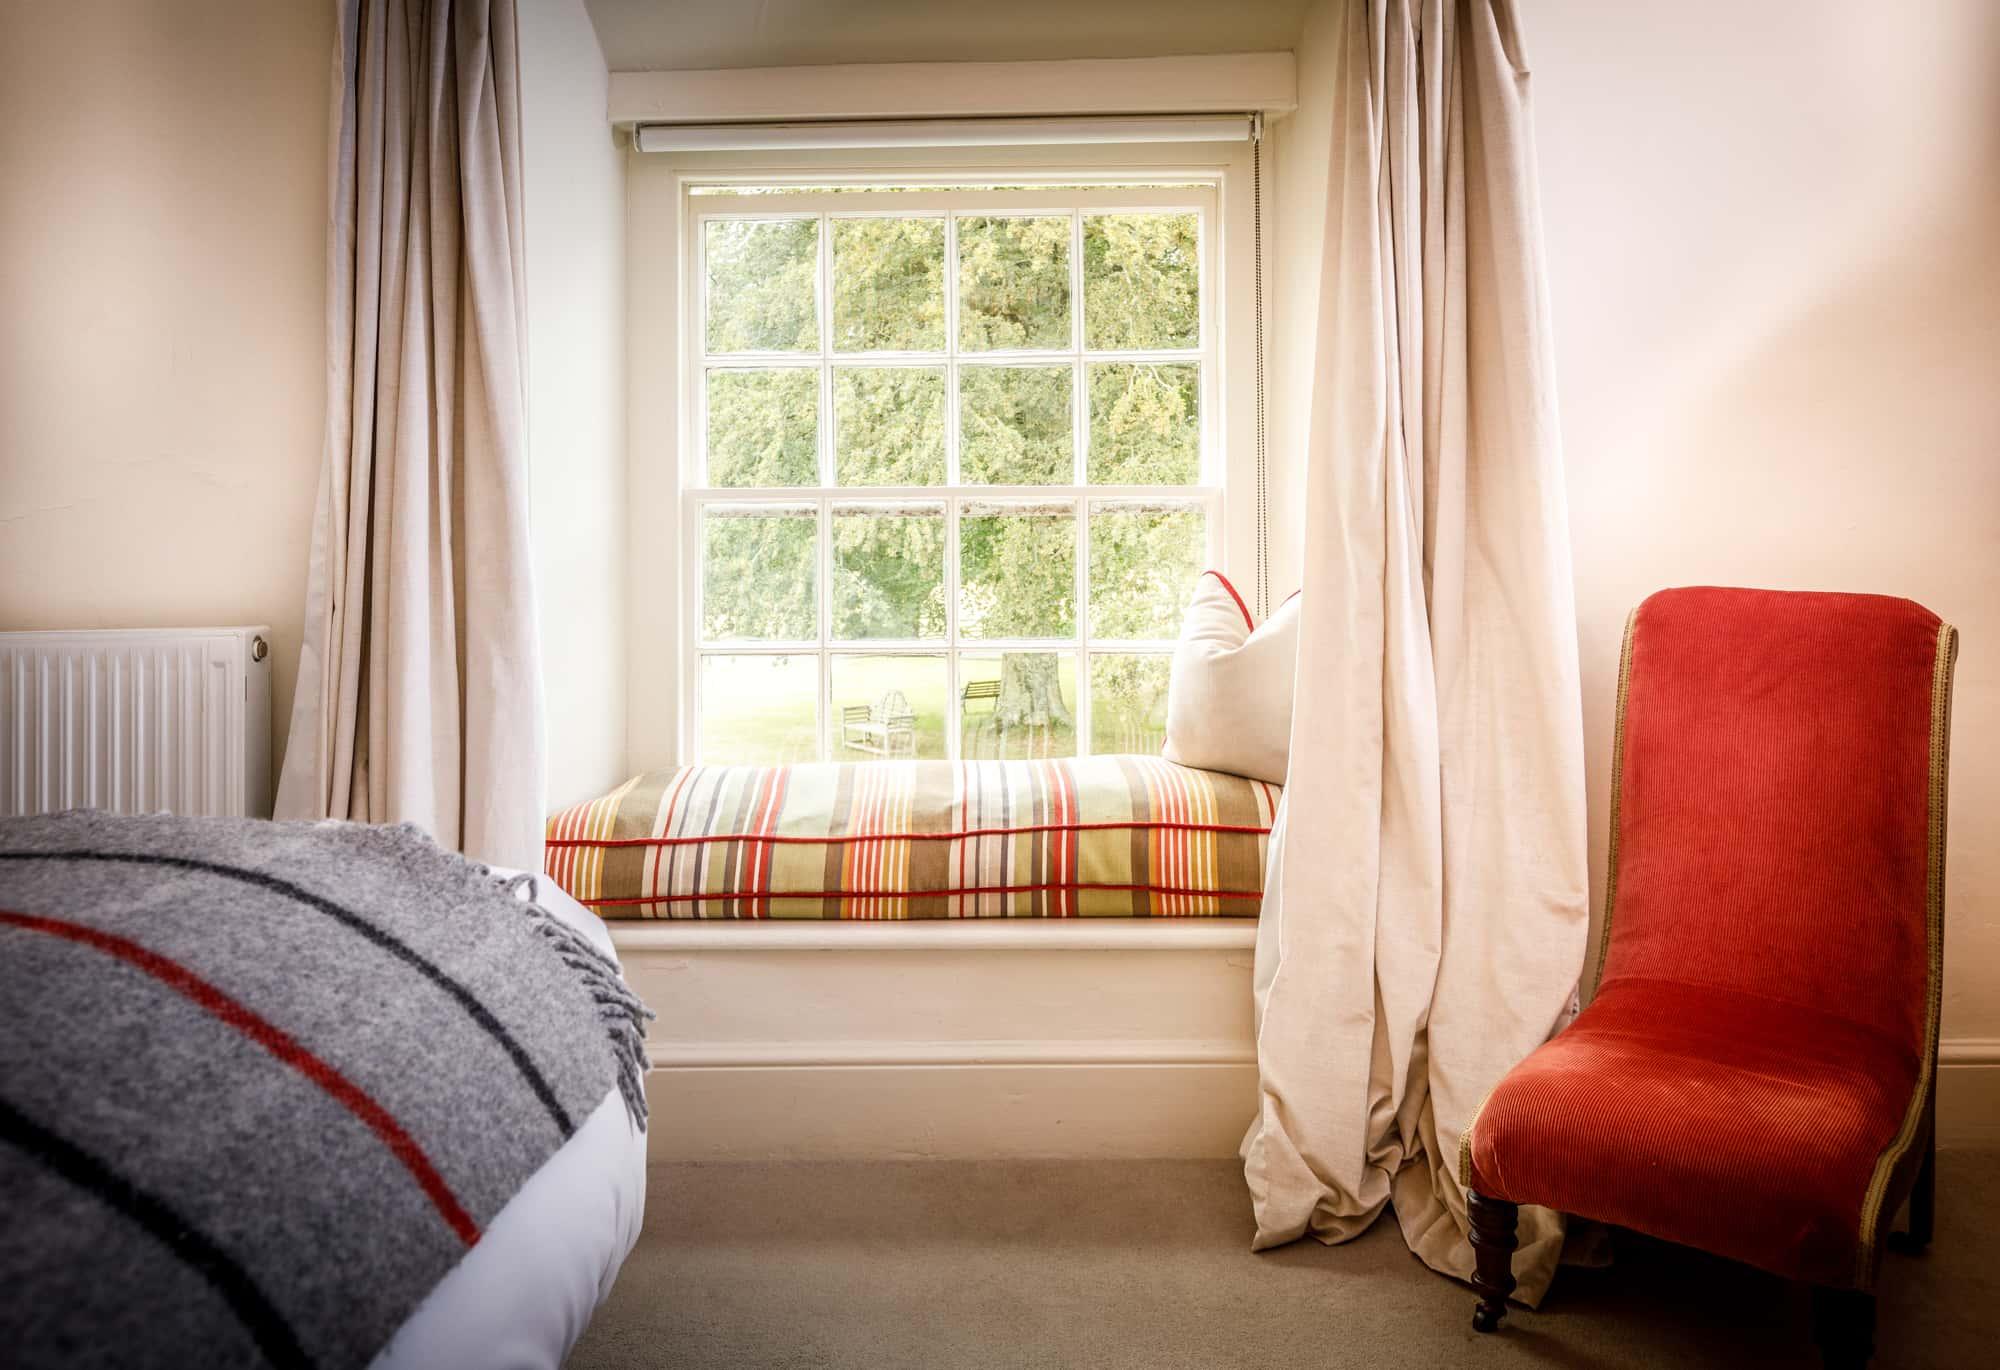 Lundy - window seat-pichi